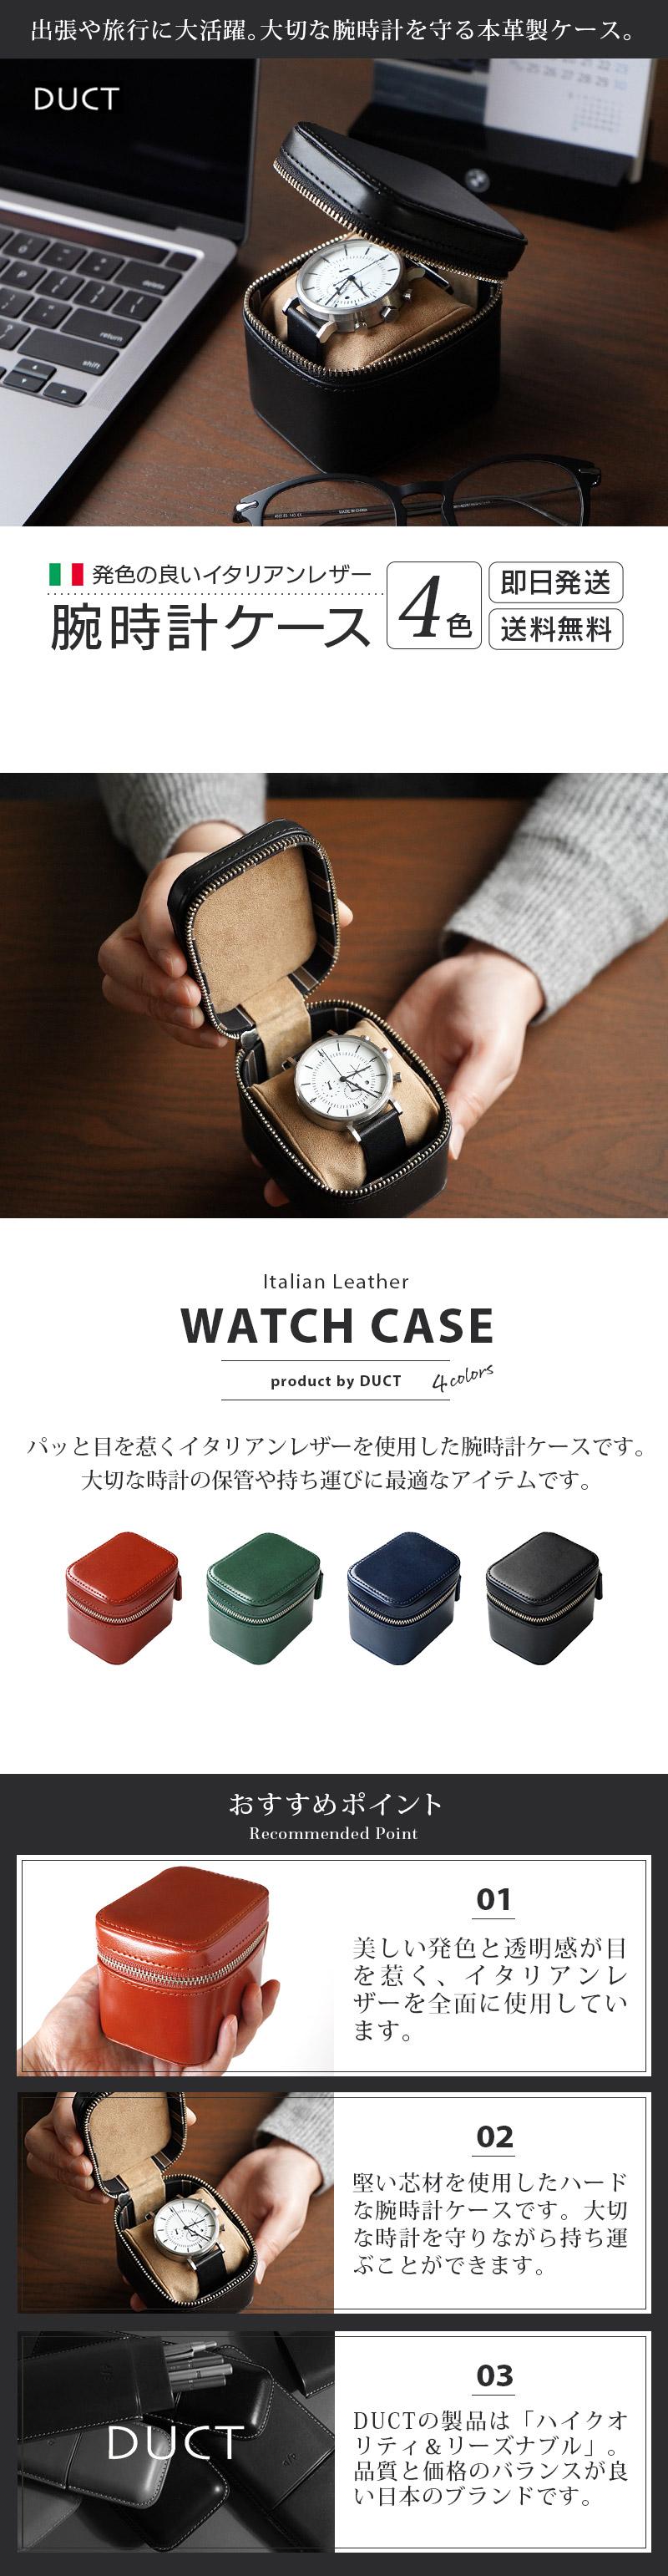 パッと目を惹くイタリアンレザーを使用した腕時計ケースです。大切な時計の保管や持ち運びに最適なアイテムです。